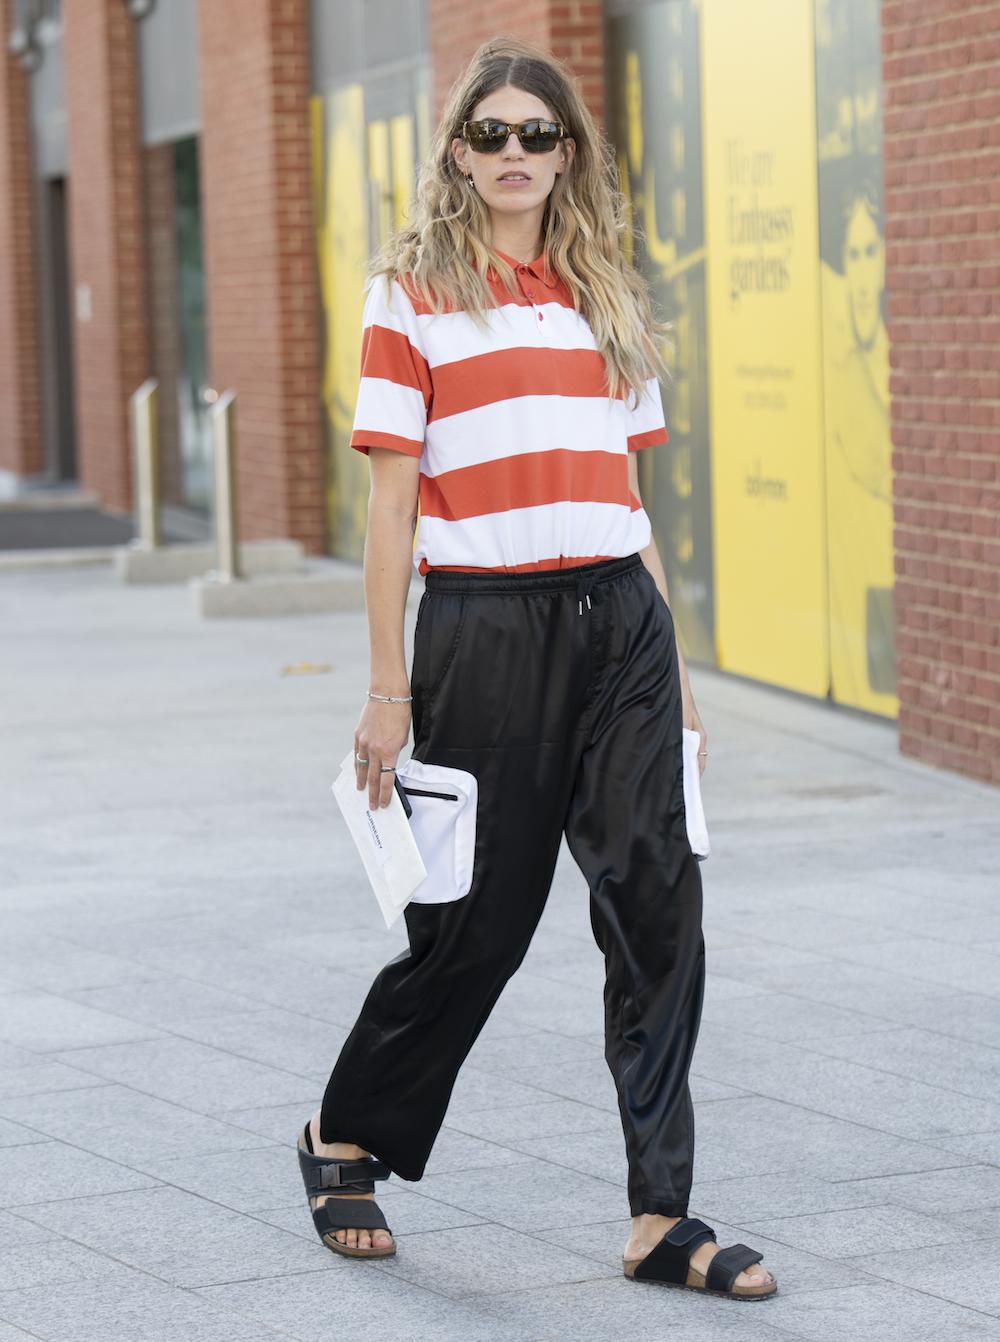 Birkenstock Fashion Trend: How To Wear